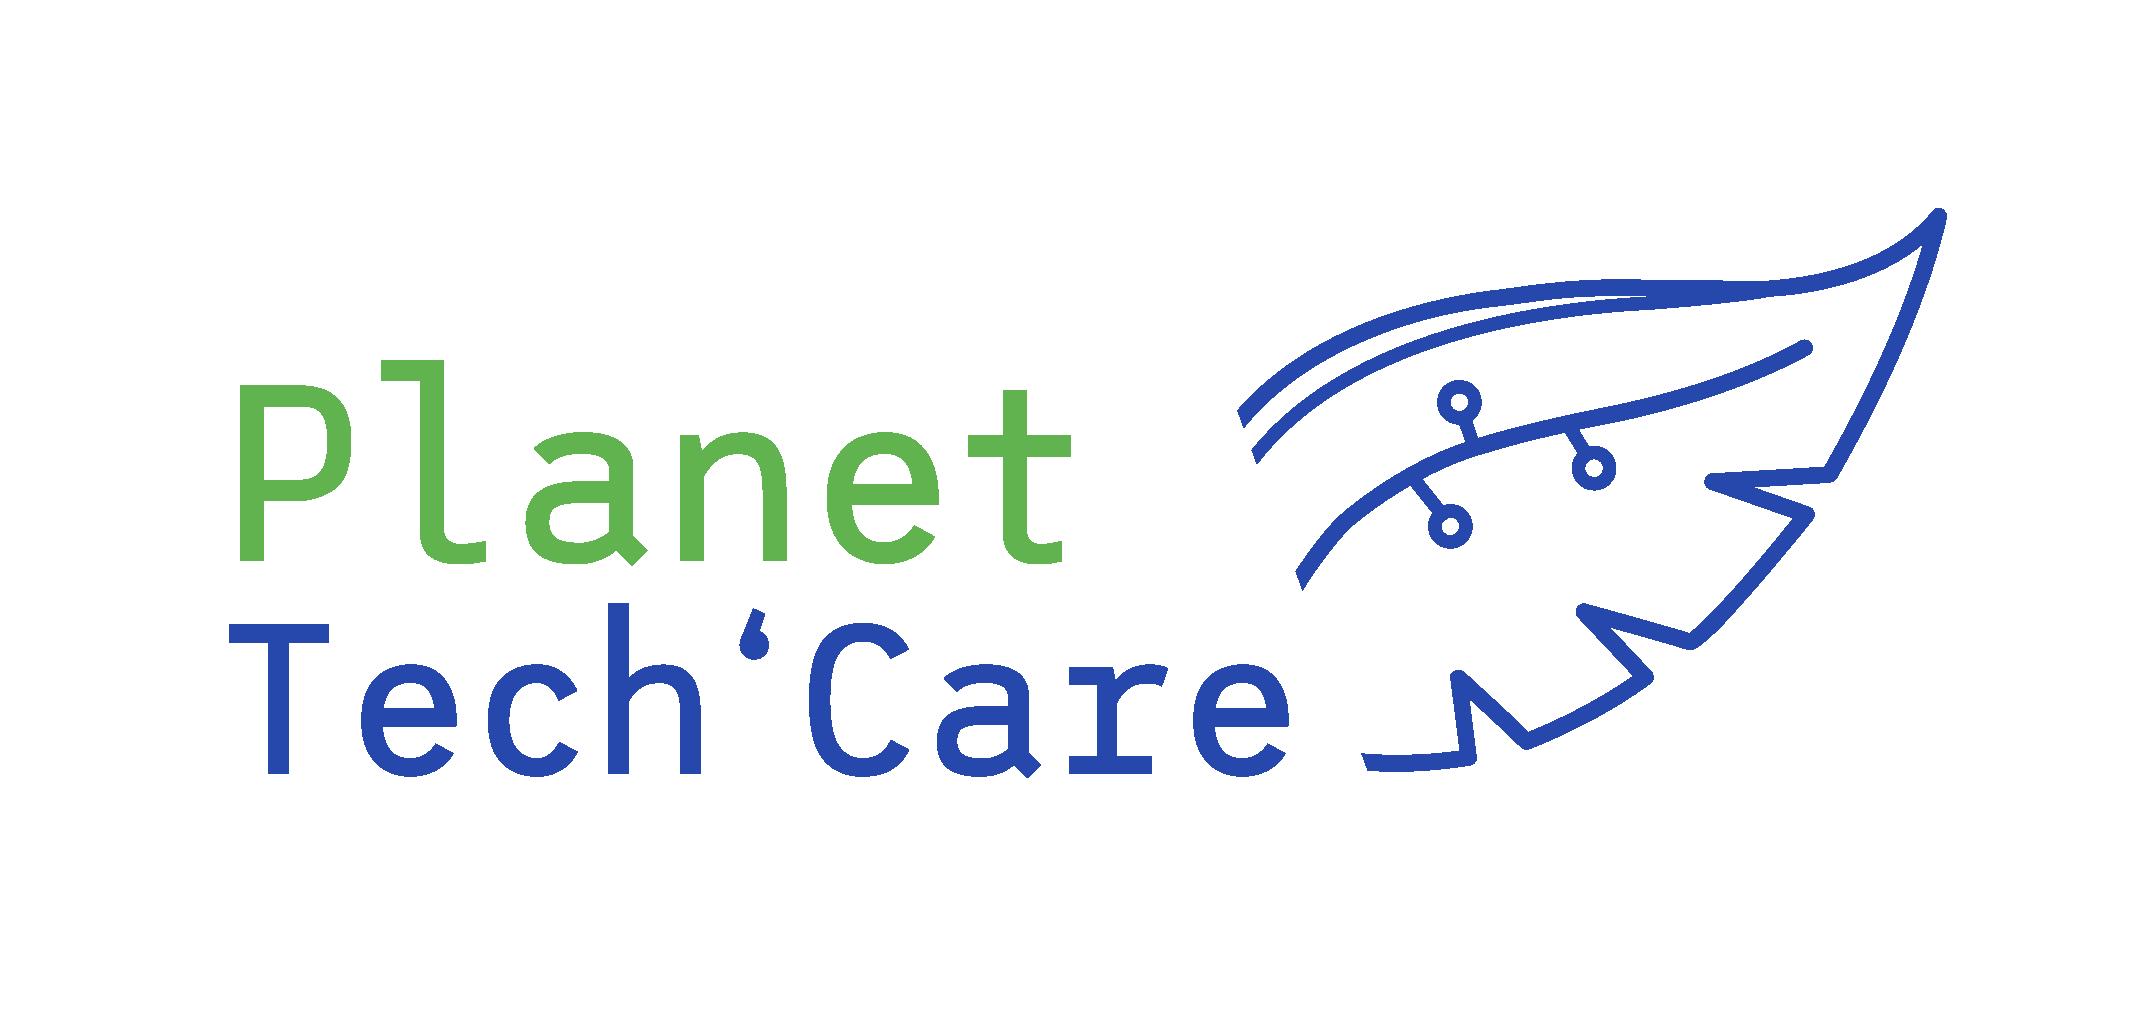 planet tech care - numerique ecologique